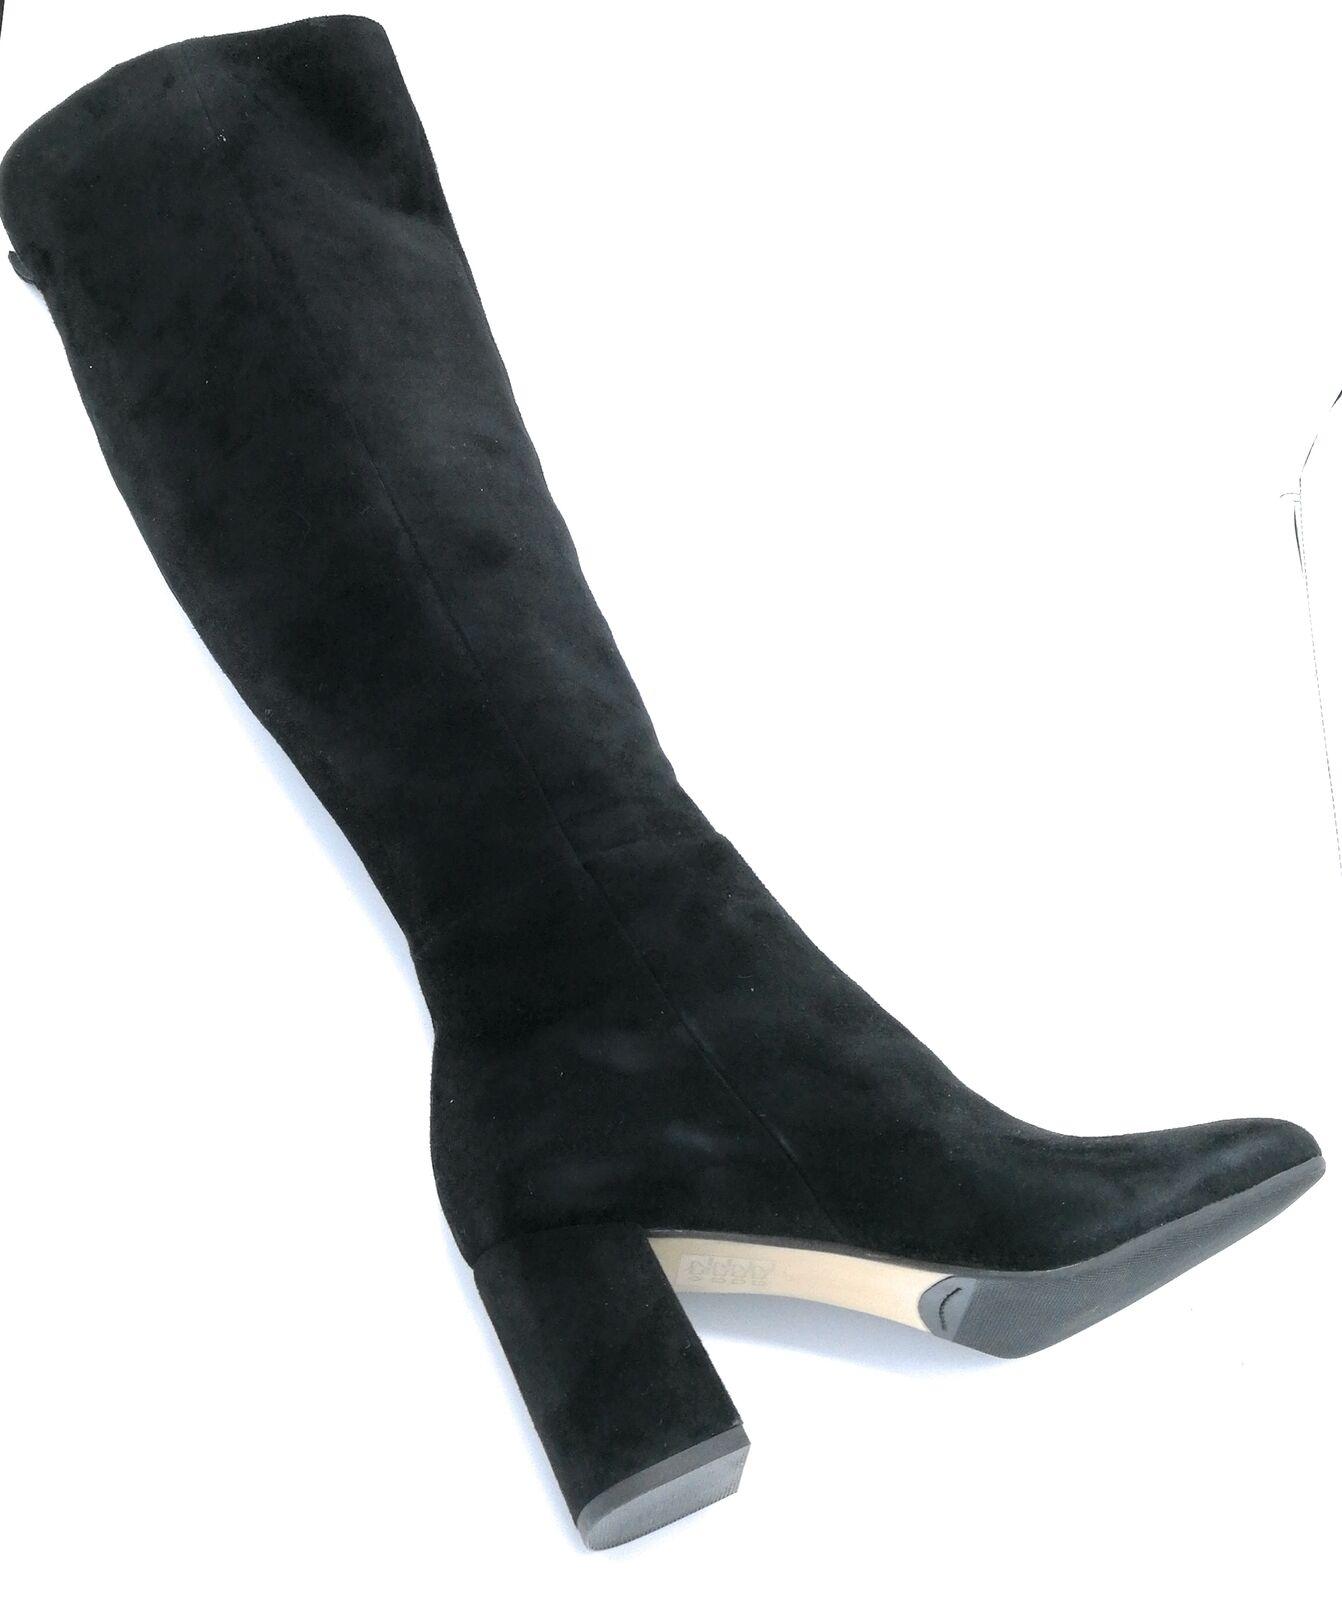 BPrivate H1204 Stiefel Wildleder Wildleder Stiefel schwarz mit Reißverschluss b4059a